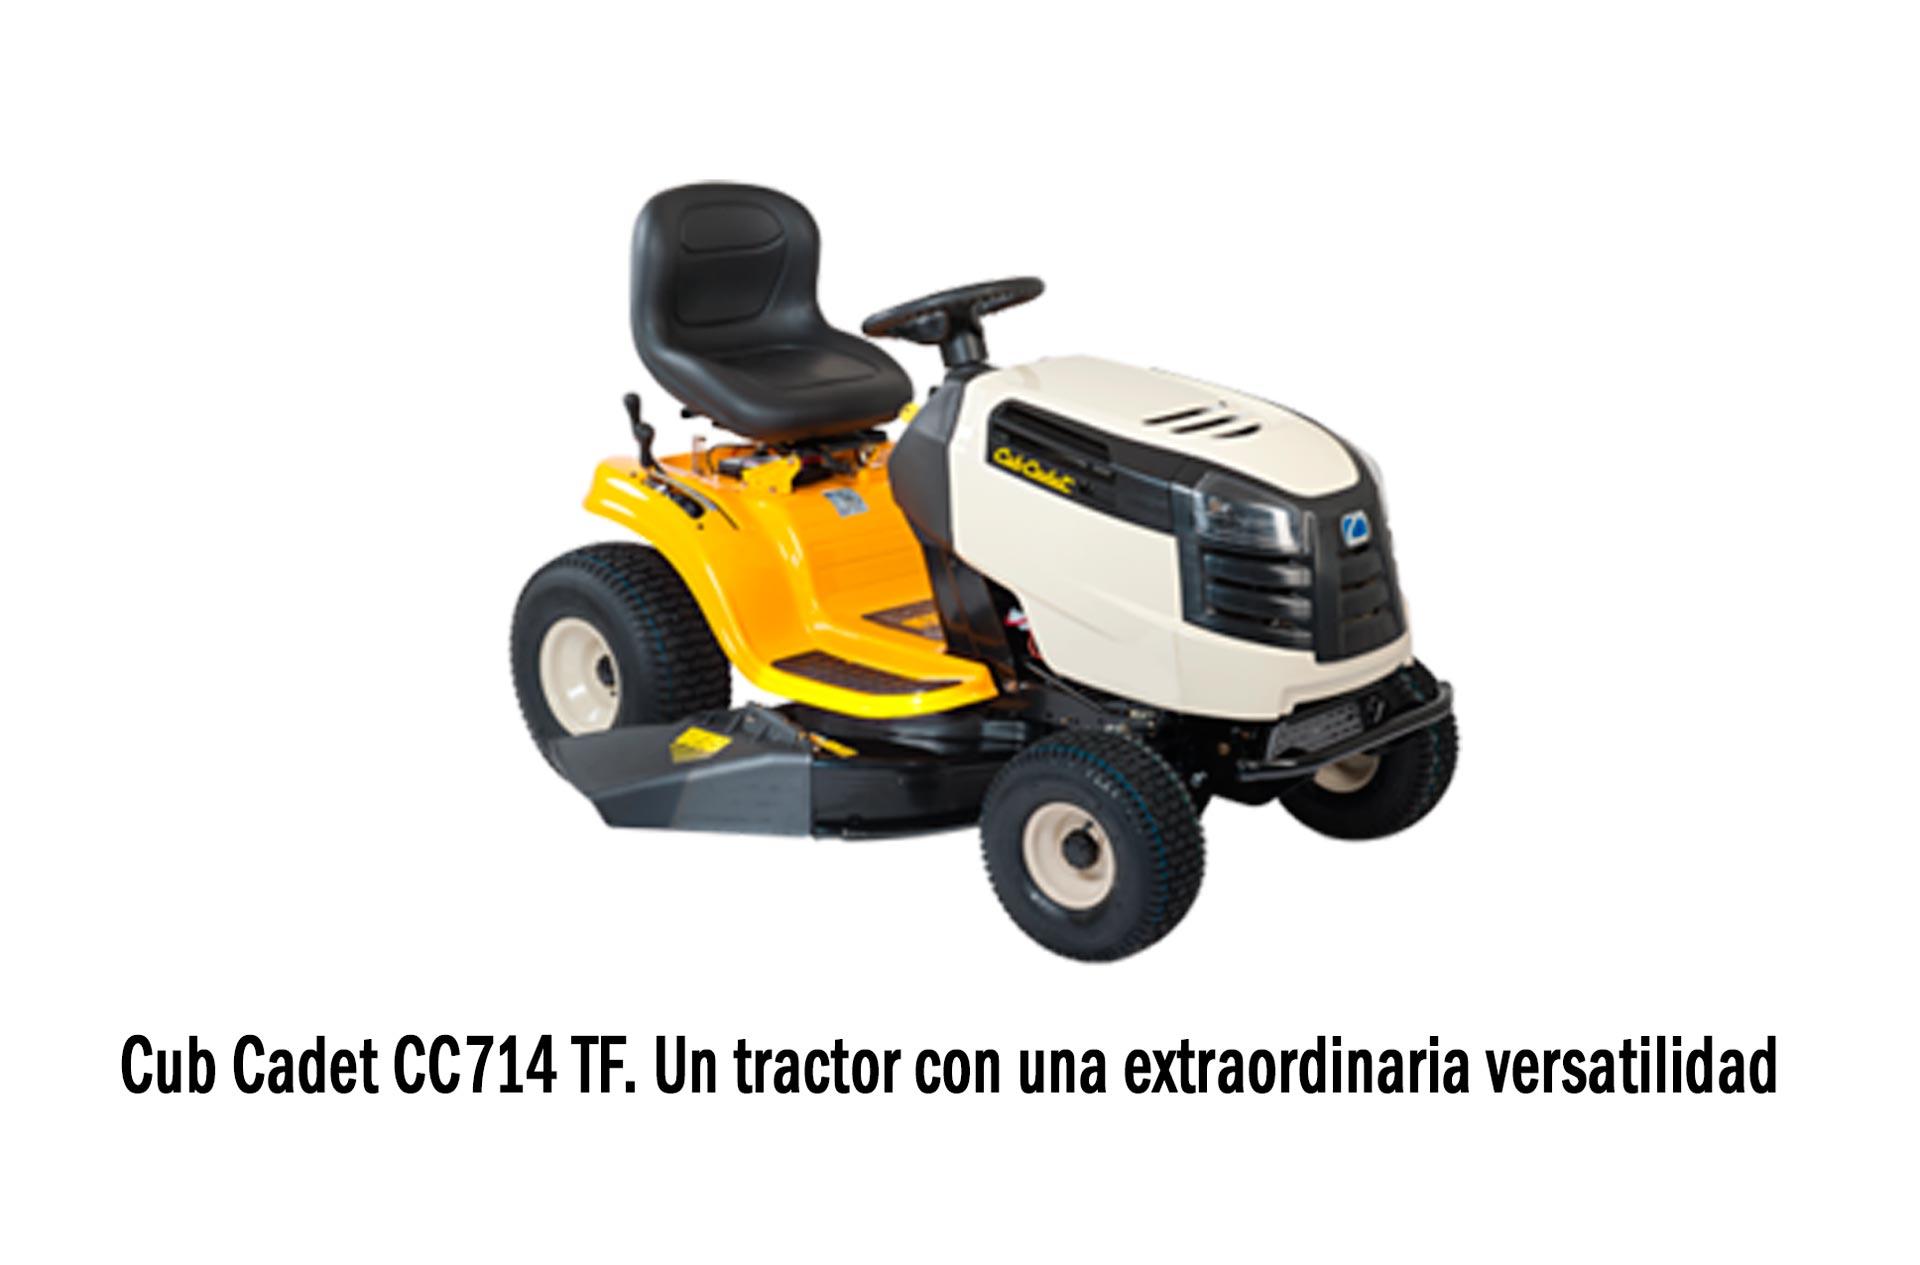 Cub Cadet CC714 TF Un tractor con una extraordinaria versatilidad